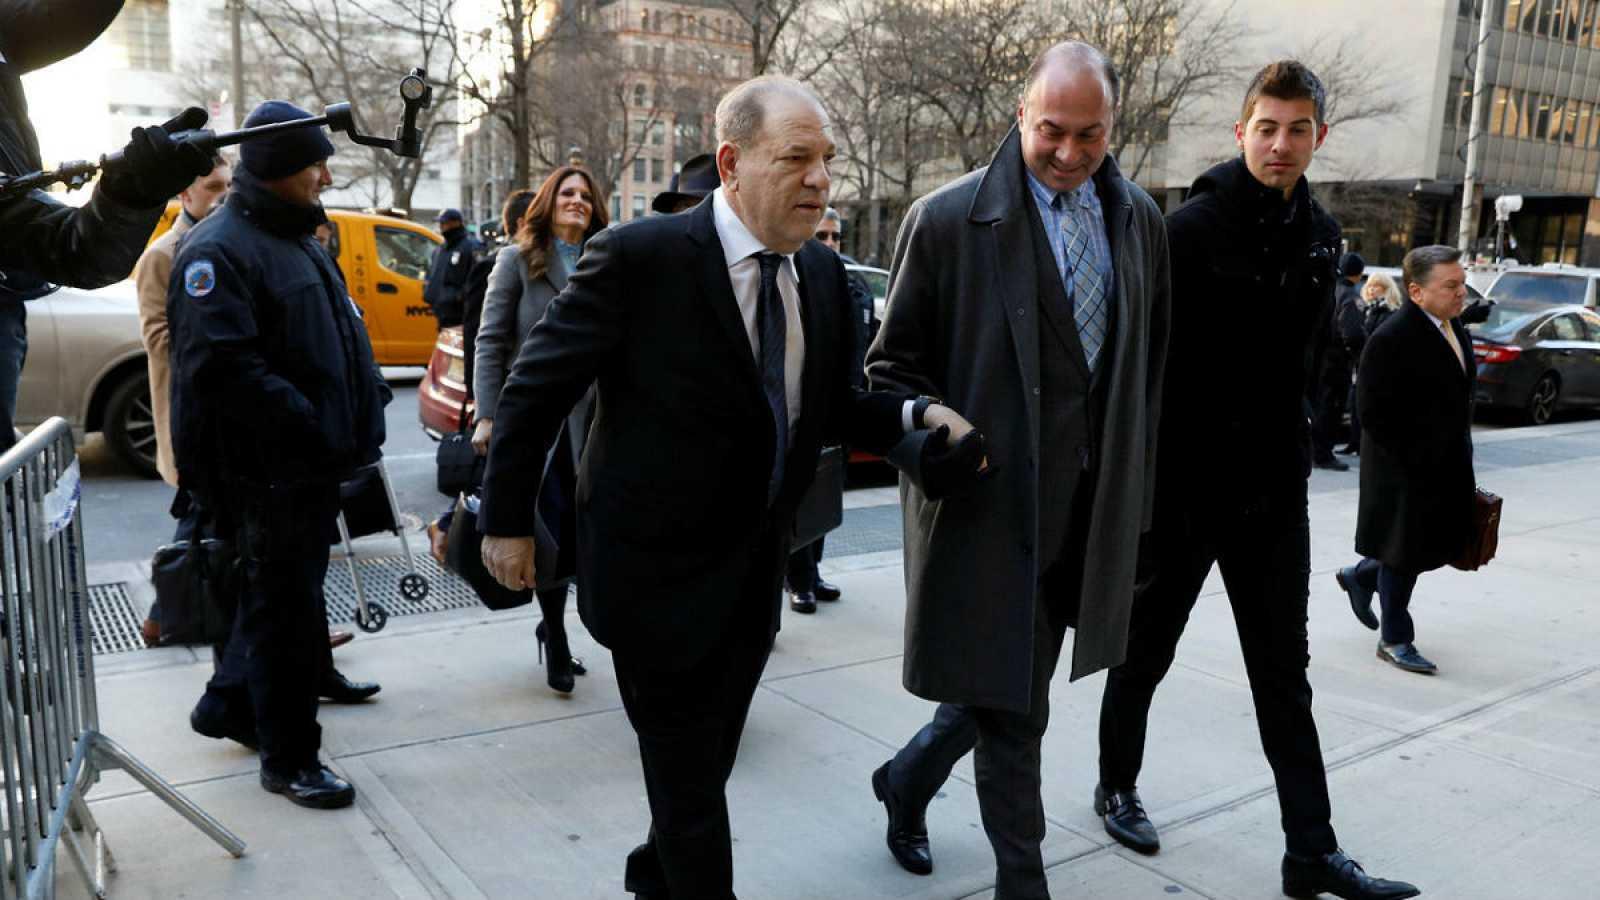 El antiguo productor de cine y magnate, Harvey Weinstein, llega a Nueva York acompañado de sus abogados para enfrentarse al juicio que decidirá si es culpable de abusos sexuales.